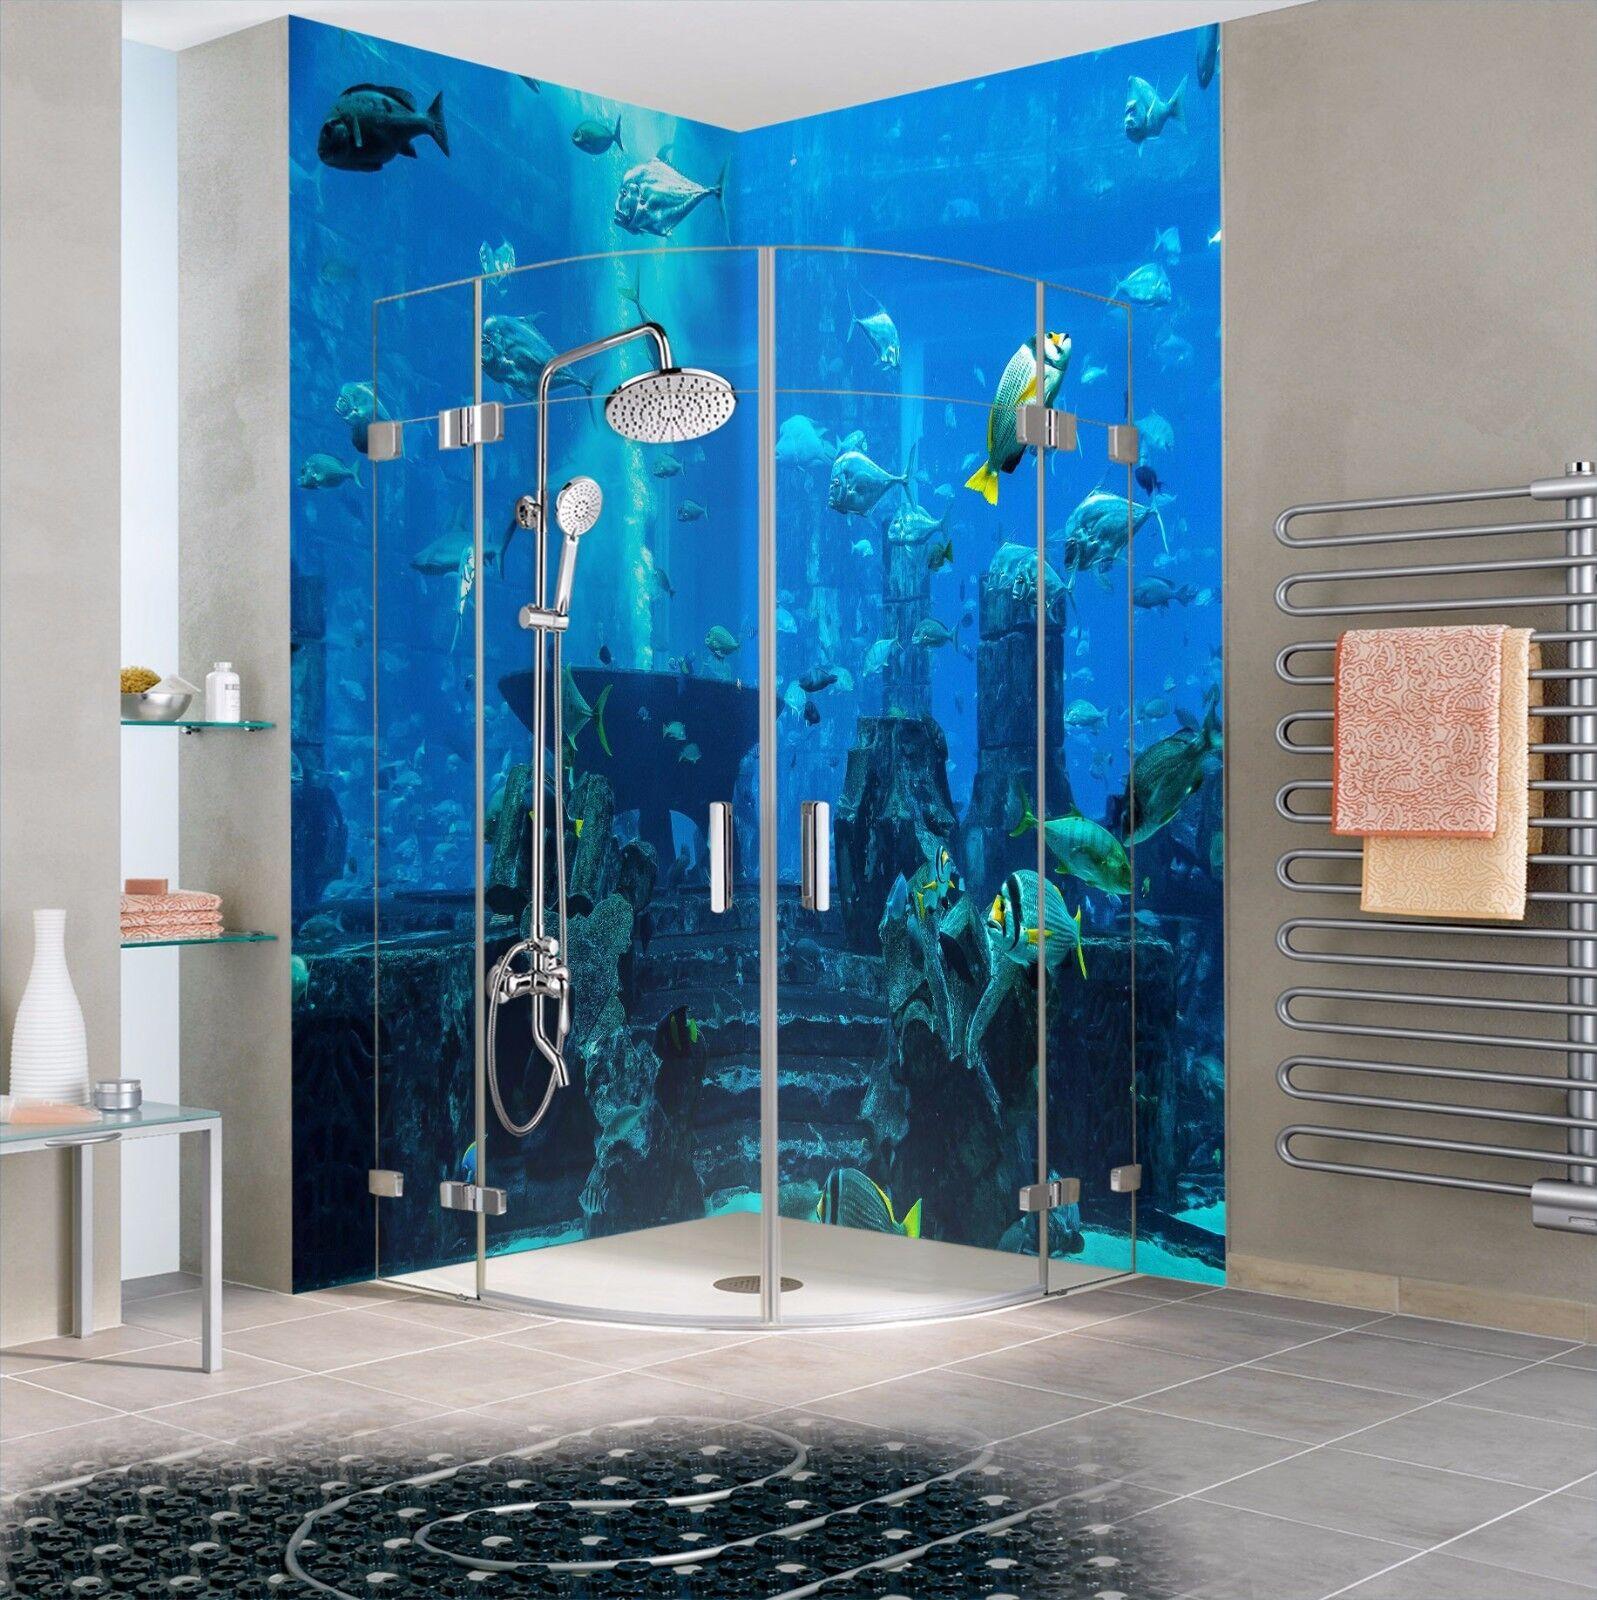 3D Seafloor 7081  WallPaper Bathroom Print Decal Wall Deco AJ WALLPAPER AU